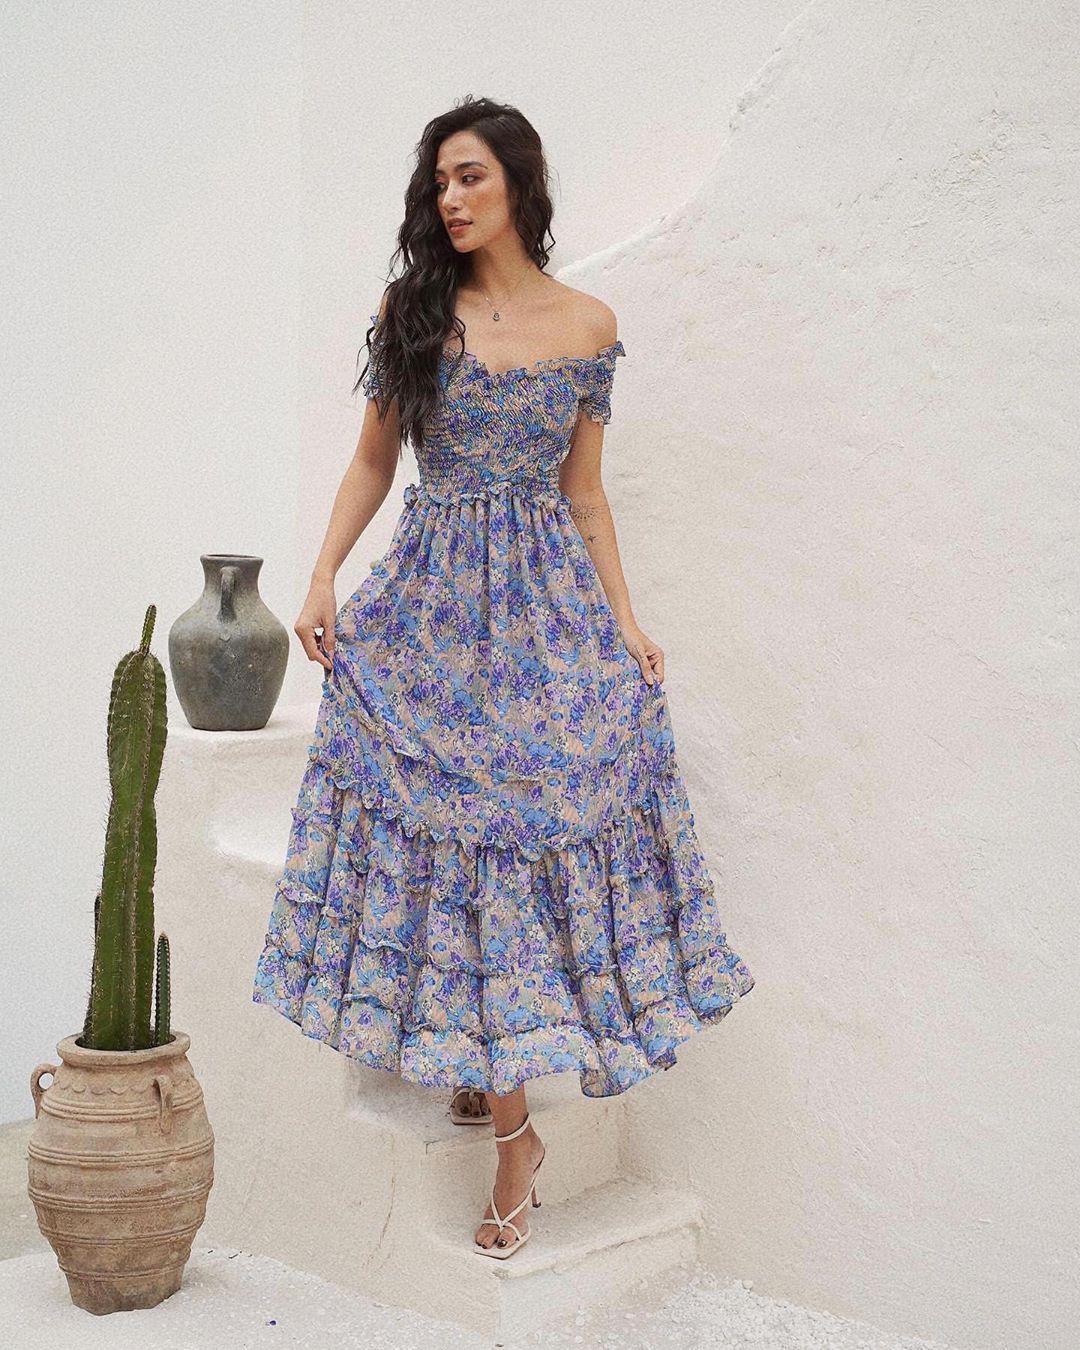 Trời se lạnh mà quẩy váy dáng dài là style sẽ yêu kiều như gái Pháp, điểm sang chảnh cũng tăng ngùn ngụt - Ảnh 14.